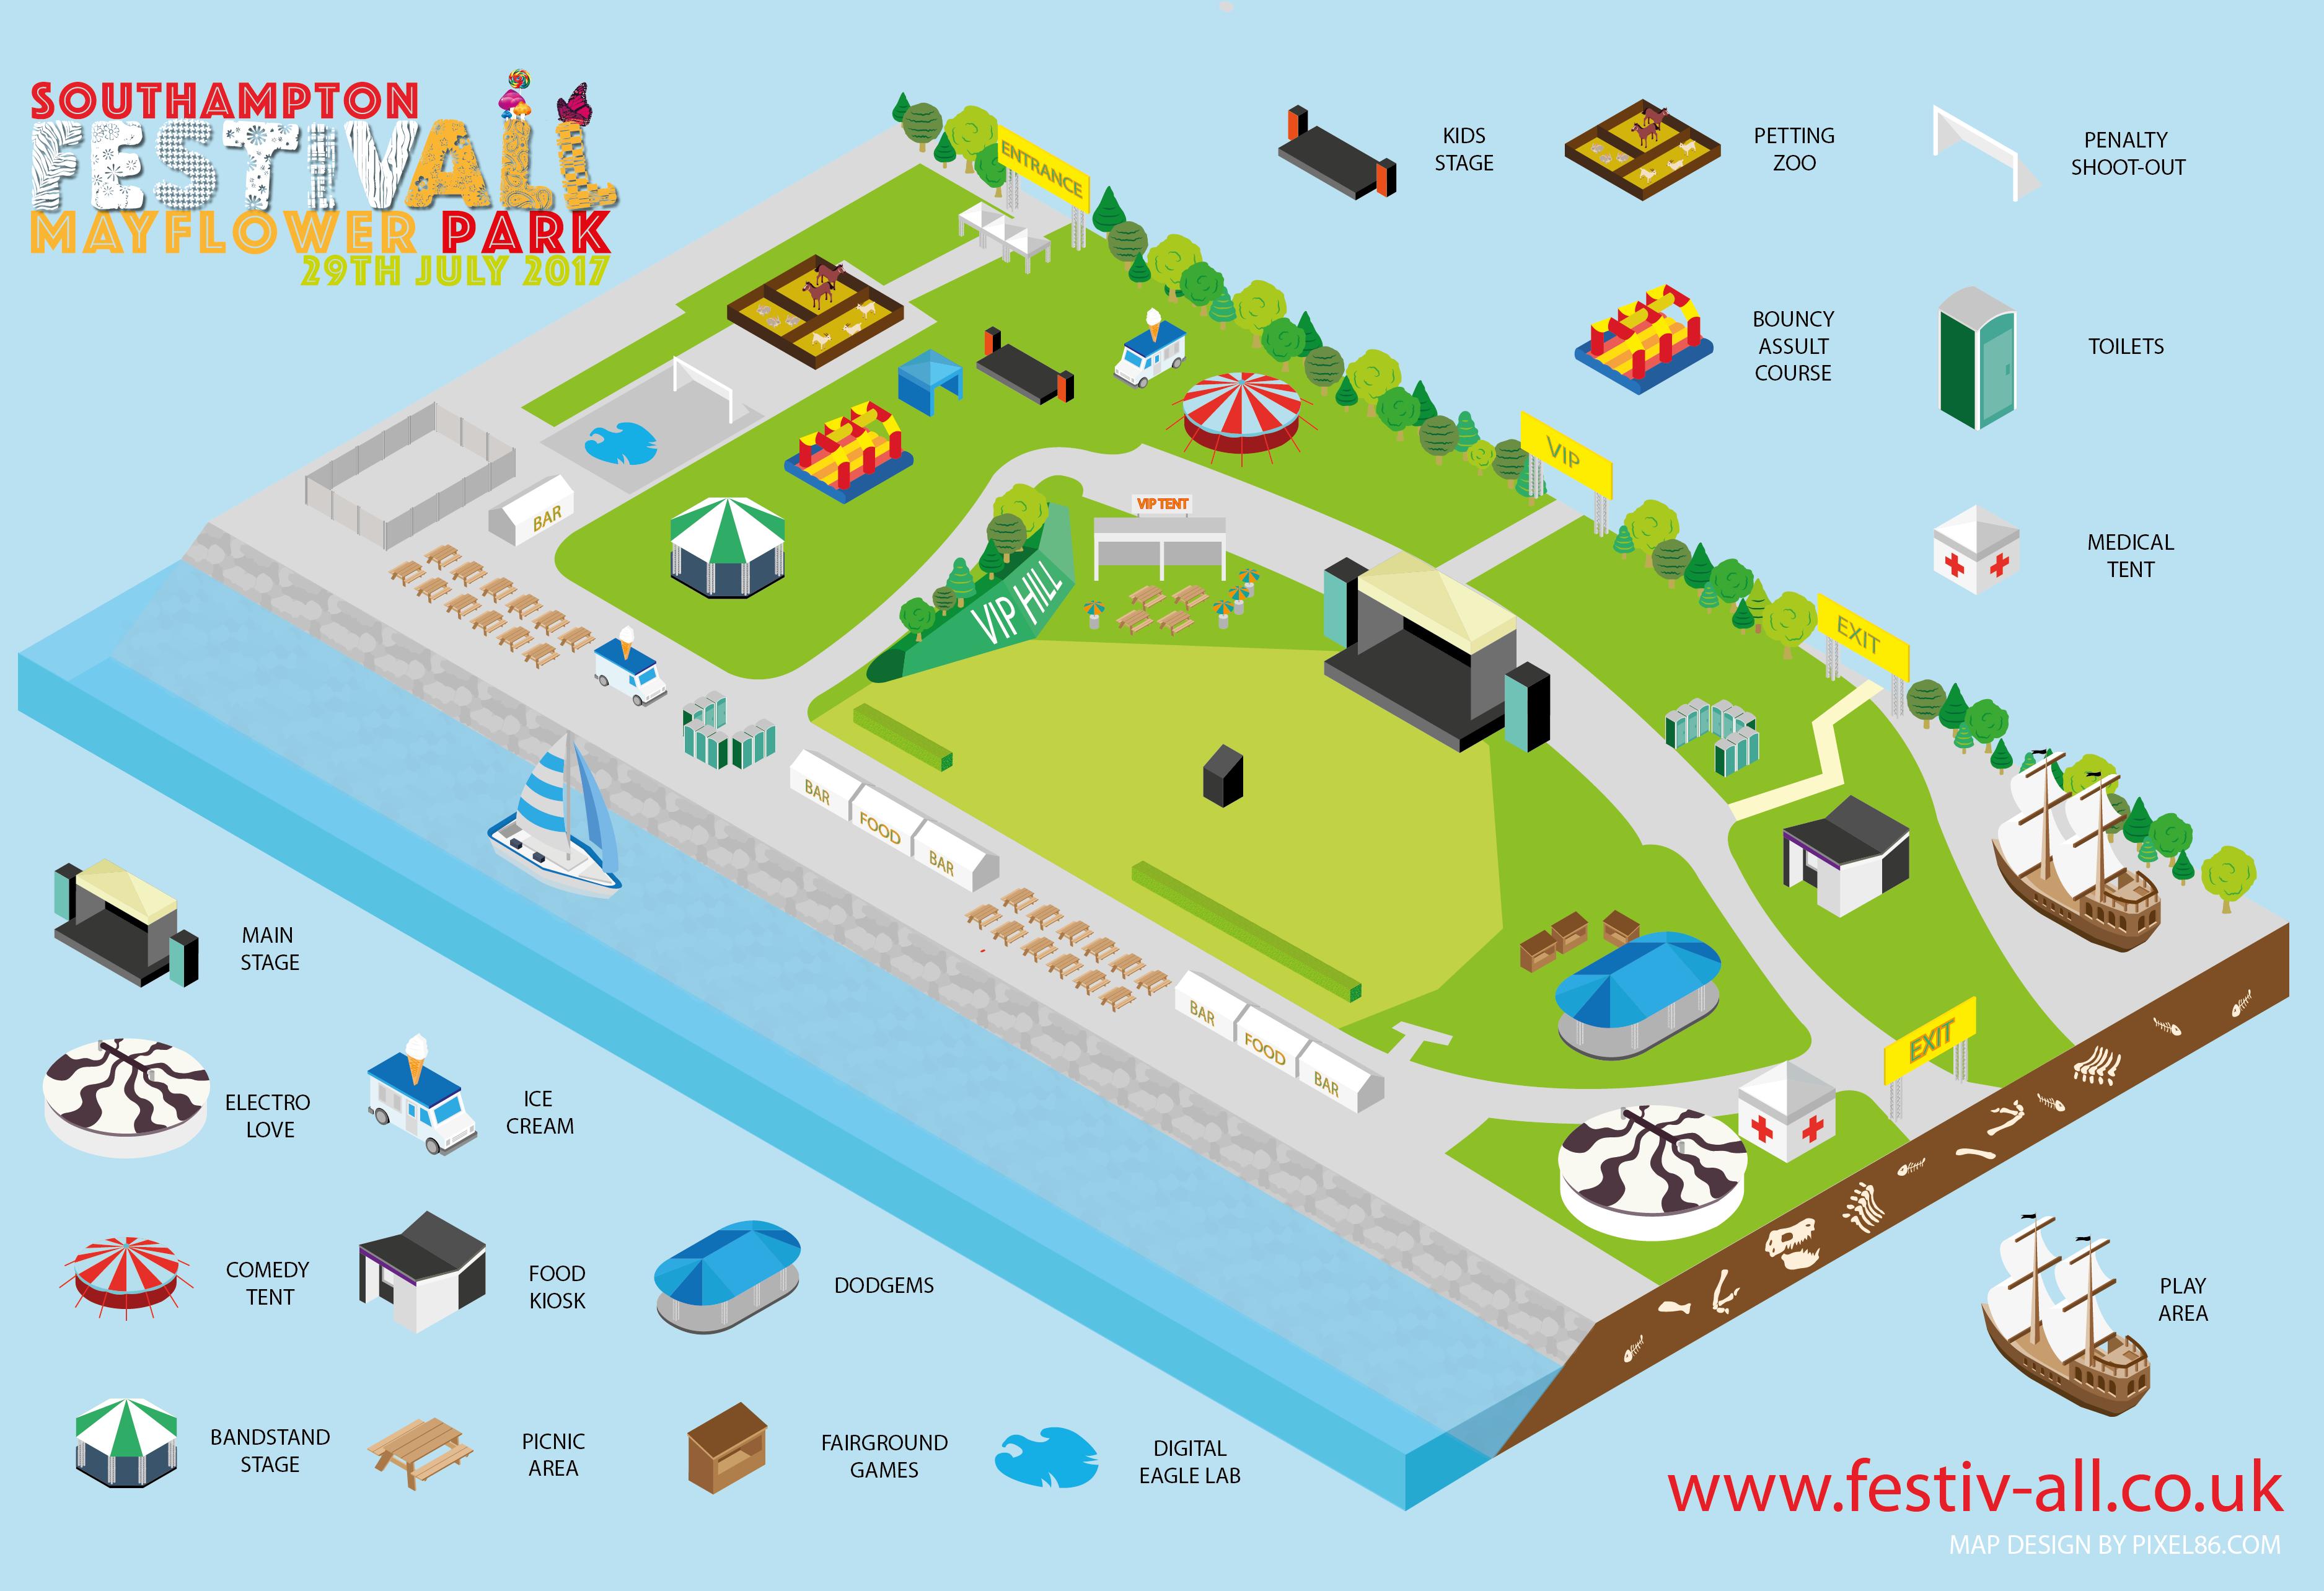 Festivall banner site